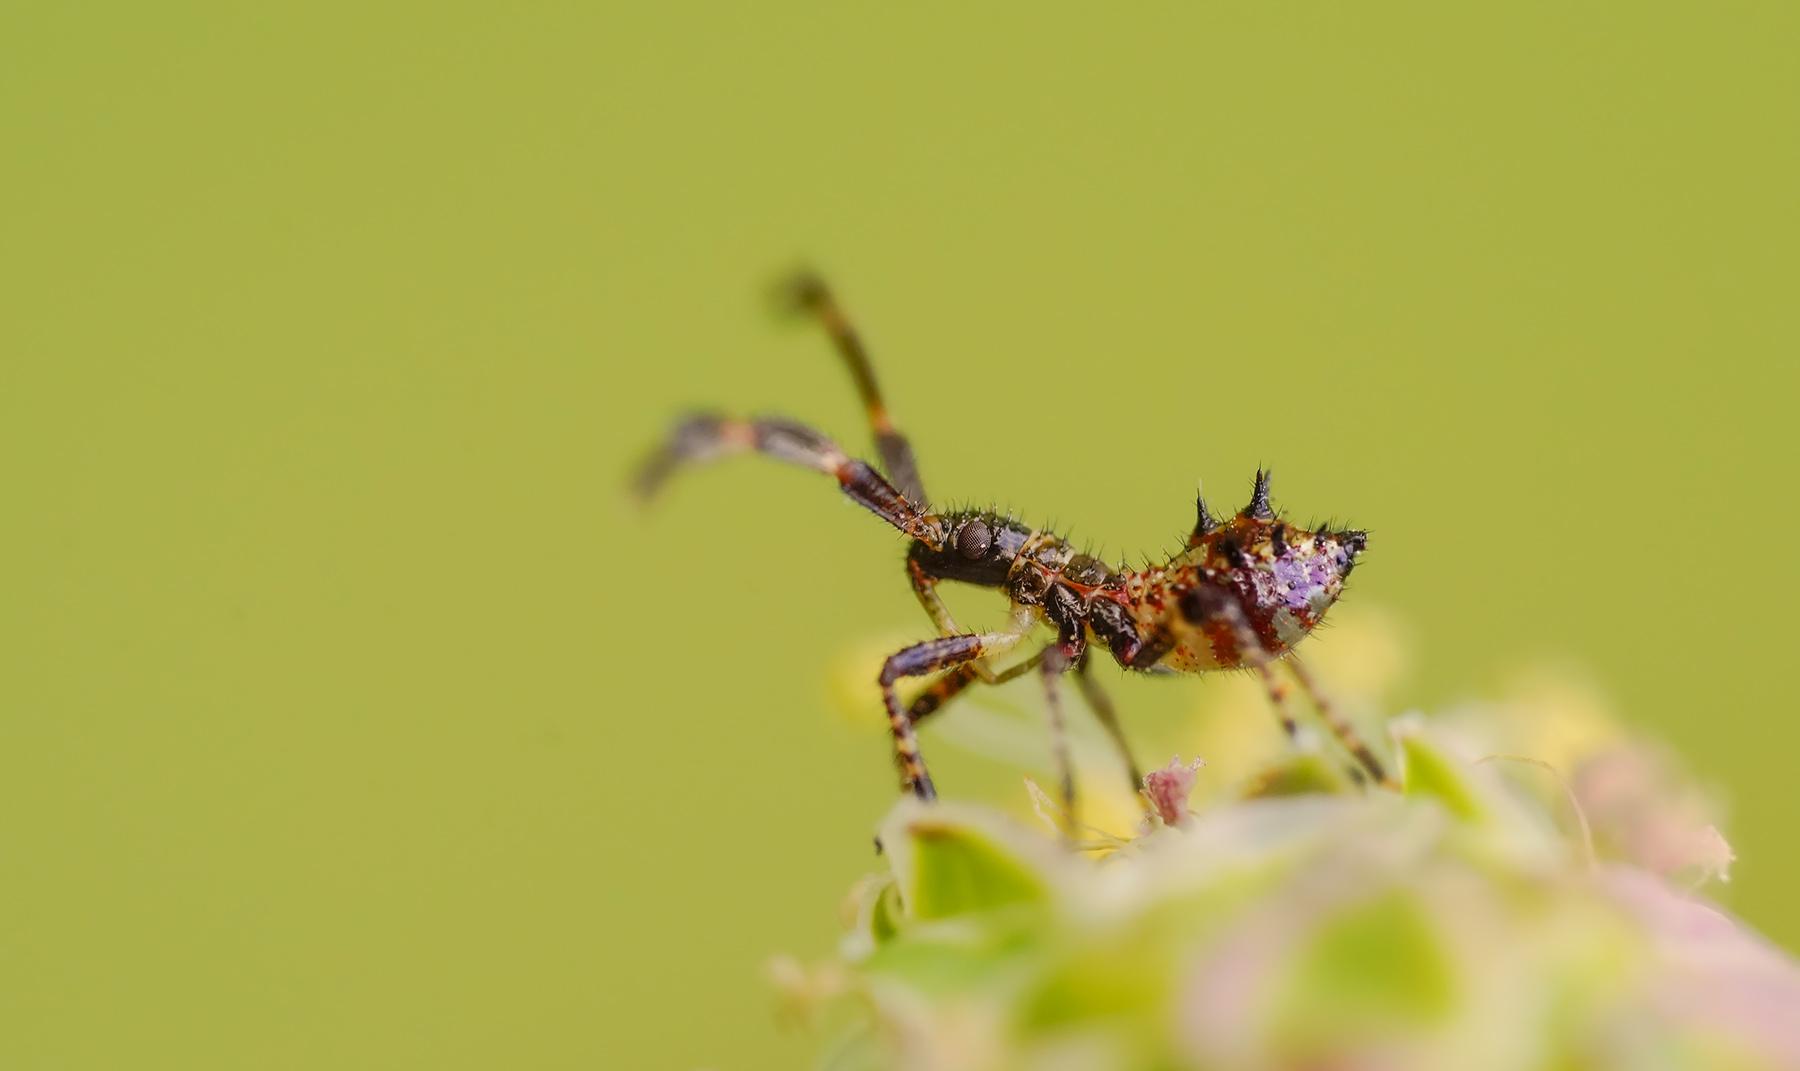 wer kennt dieses insekt ... ???